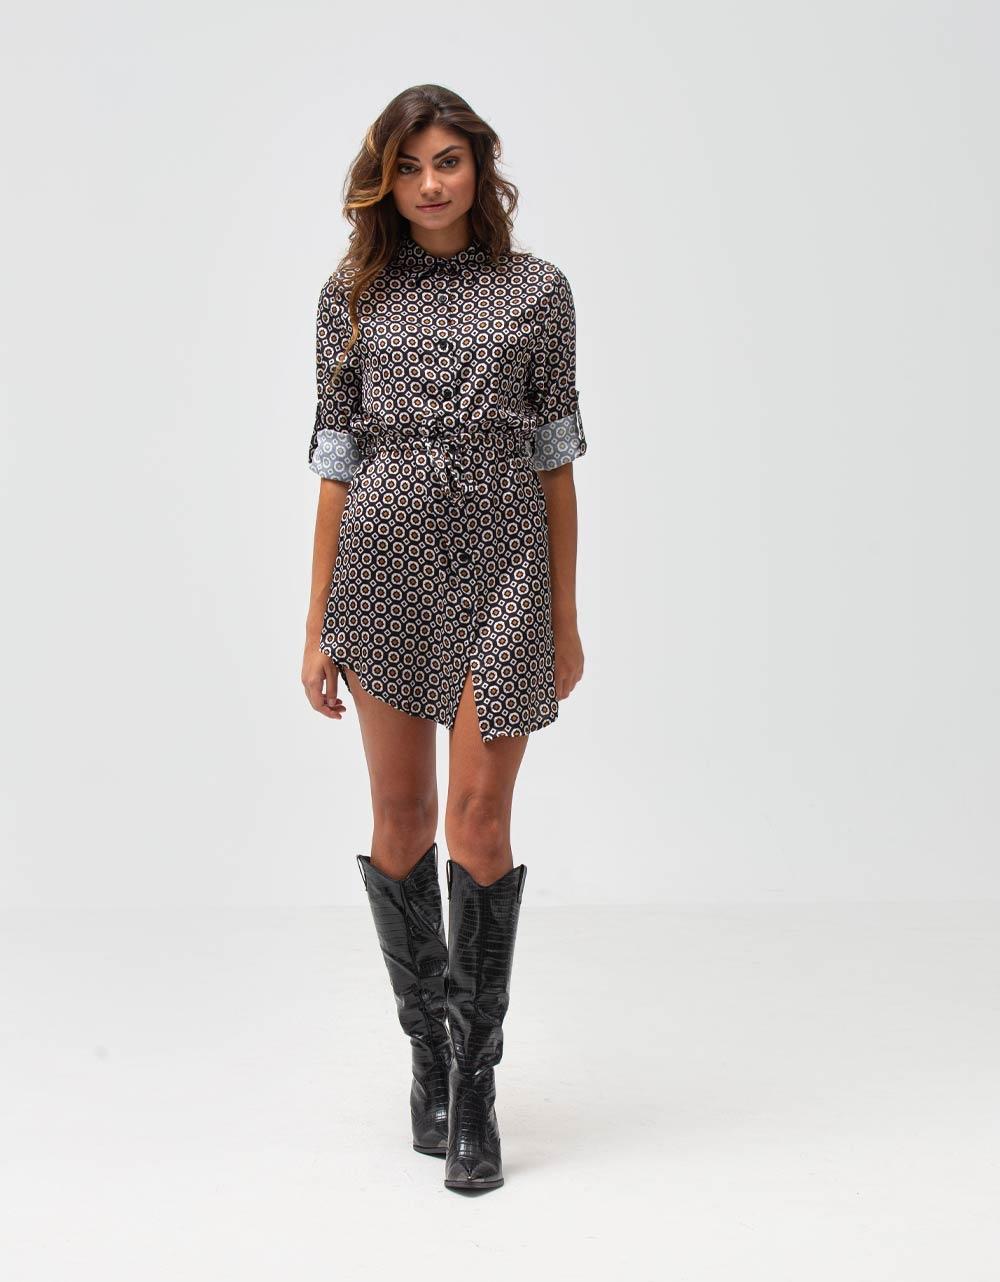 Εικόνα από Γυναικείο πουκάμισο φόρεμα με ζωνάκι και σχέδια Μαύρο